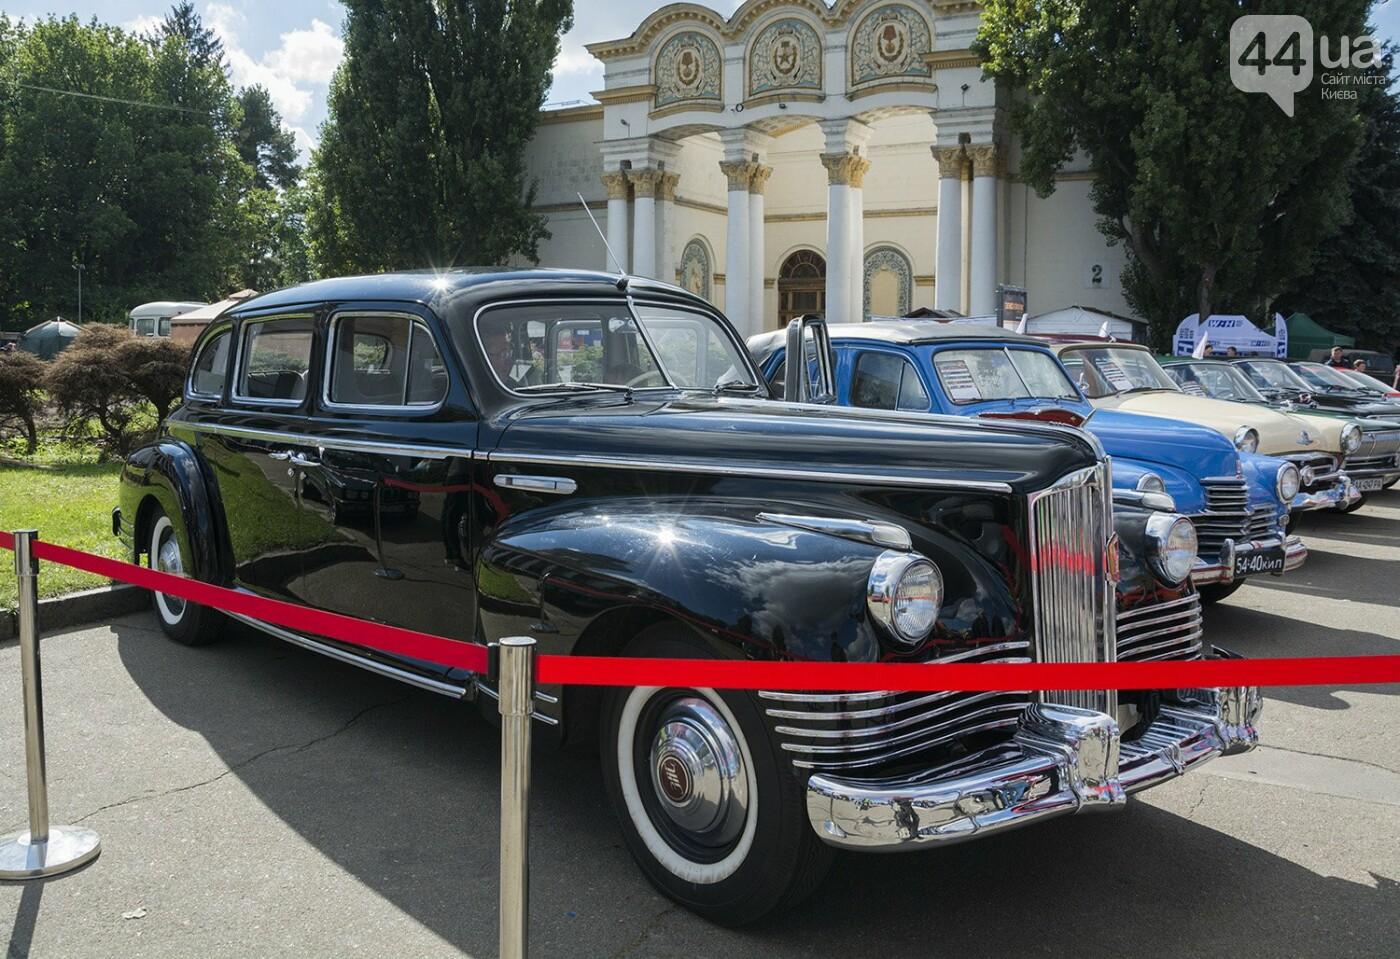 Old Car Land-2018: как прошел крупнейший автомобильный ретро-фестиваль Украины, - ФОТО, ВИДЕО, фото-16